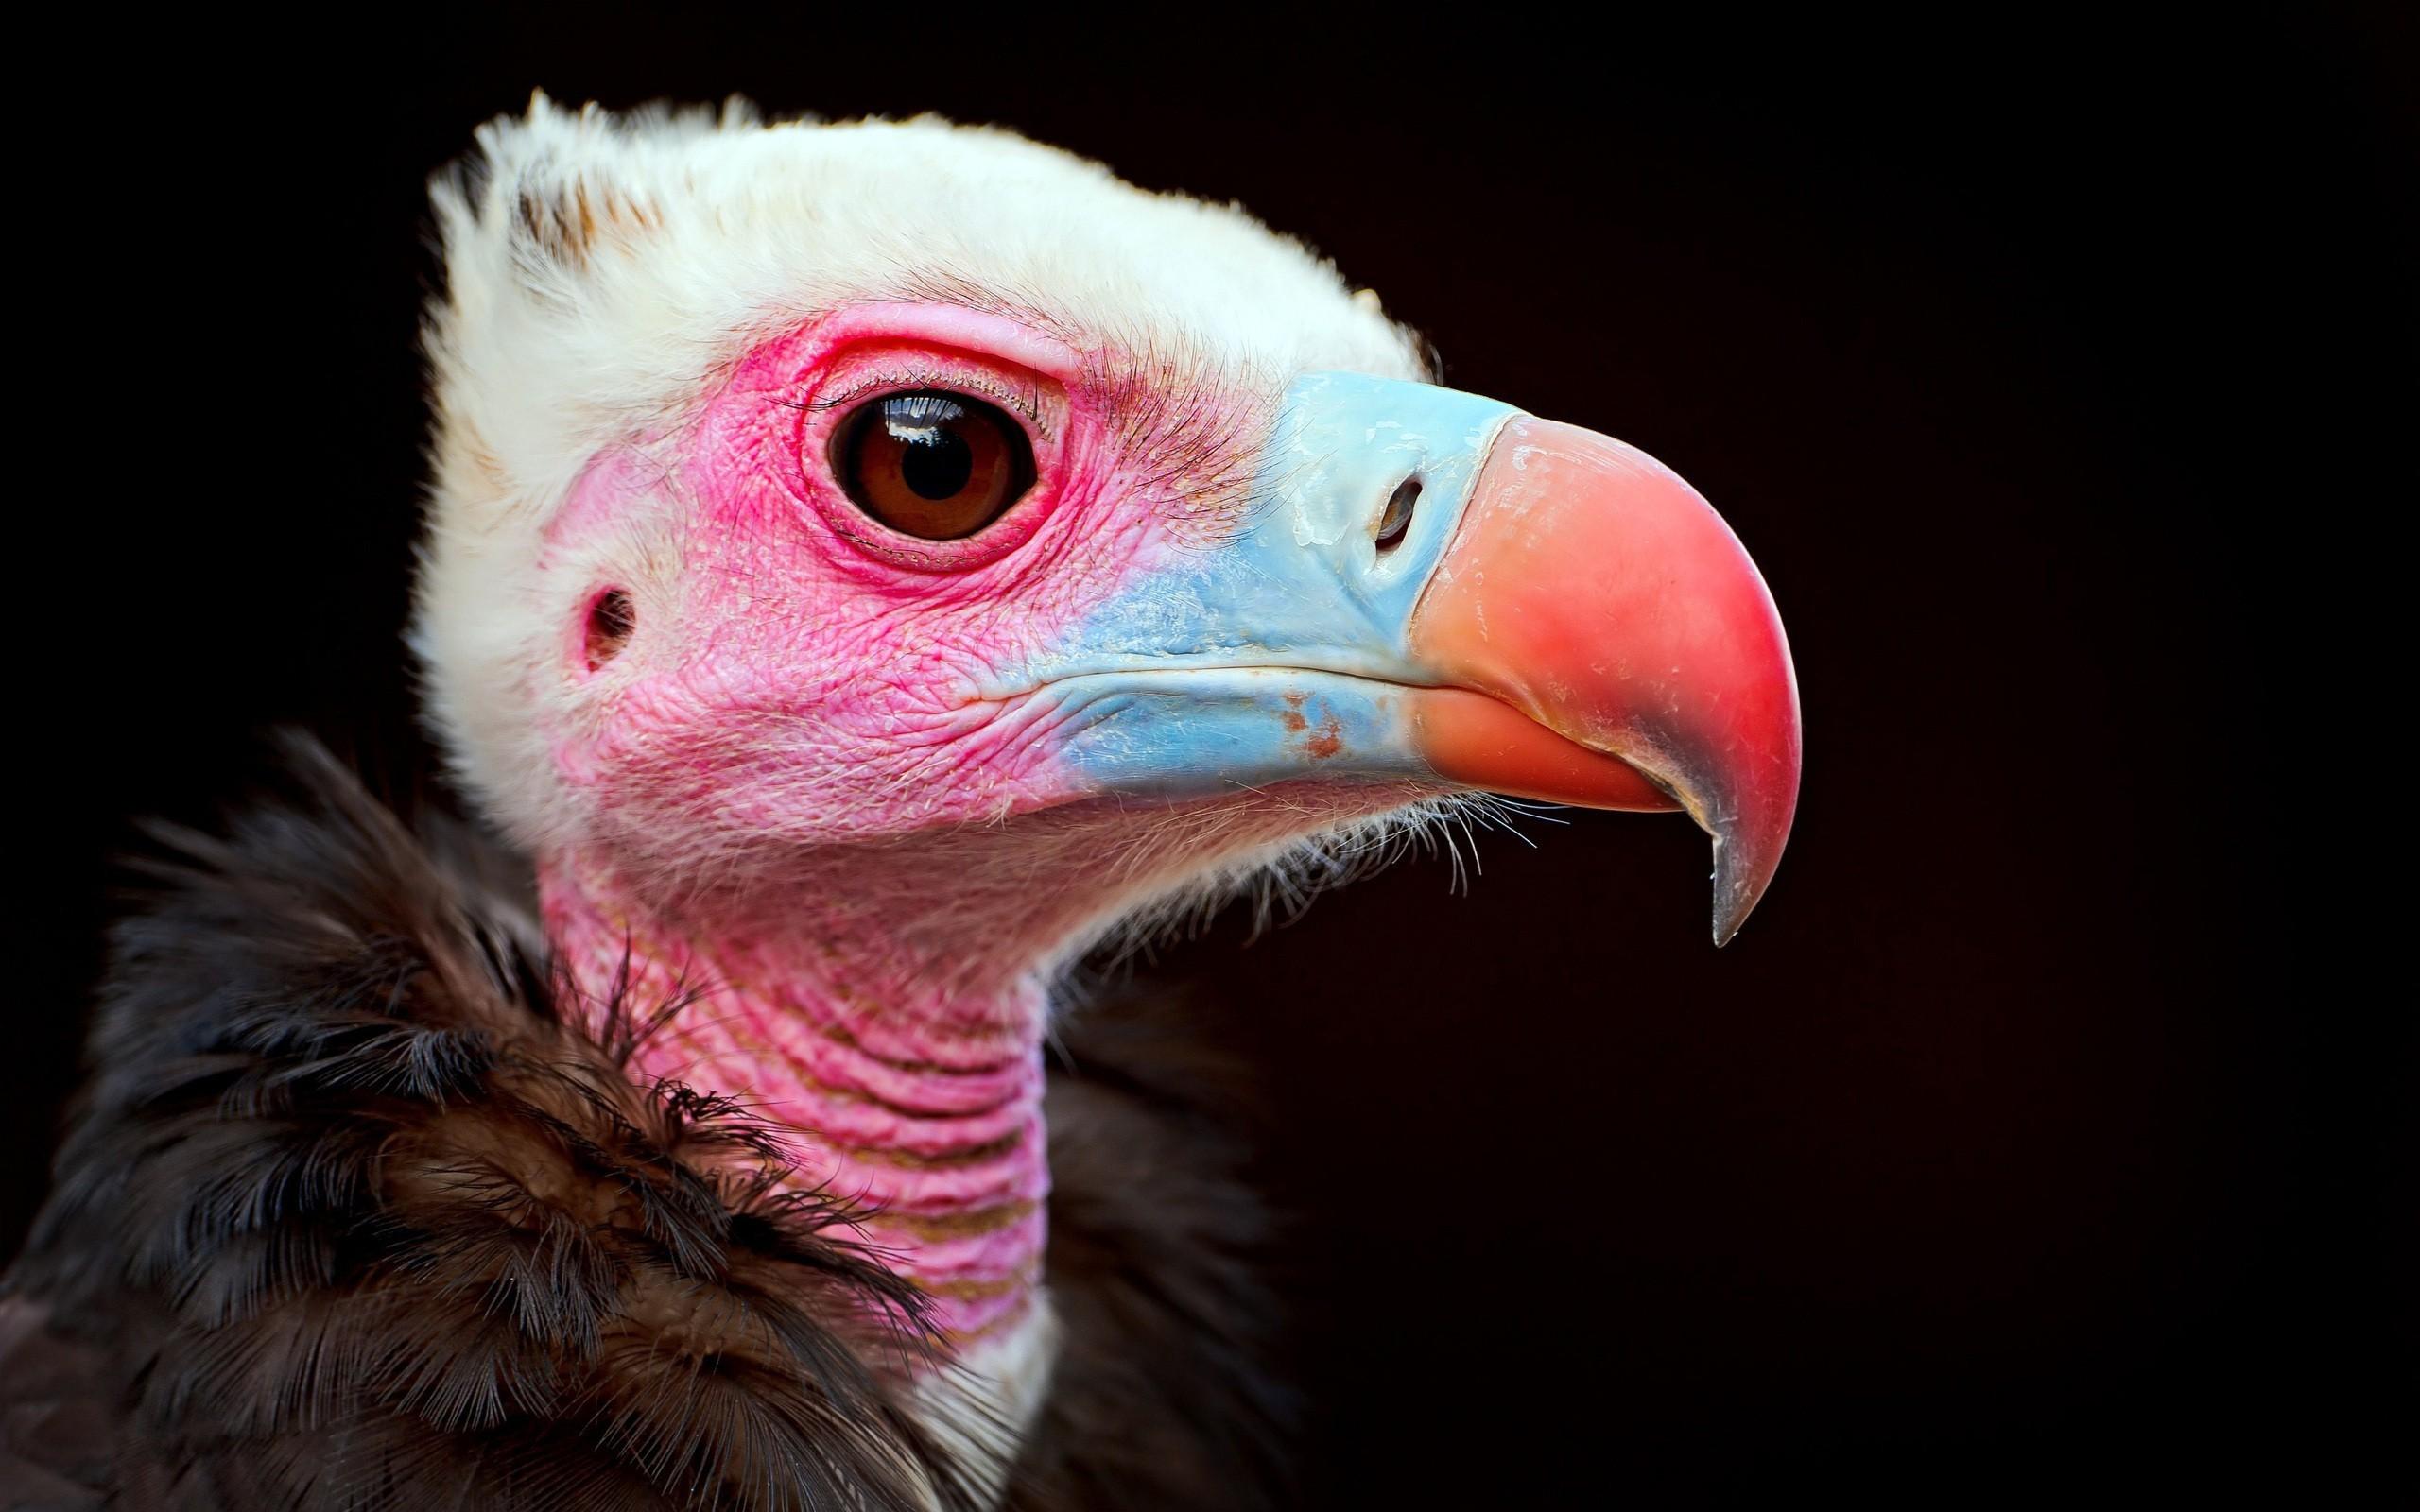 Cabeza de un Condor - 2560x1600